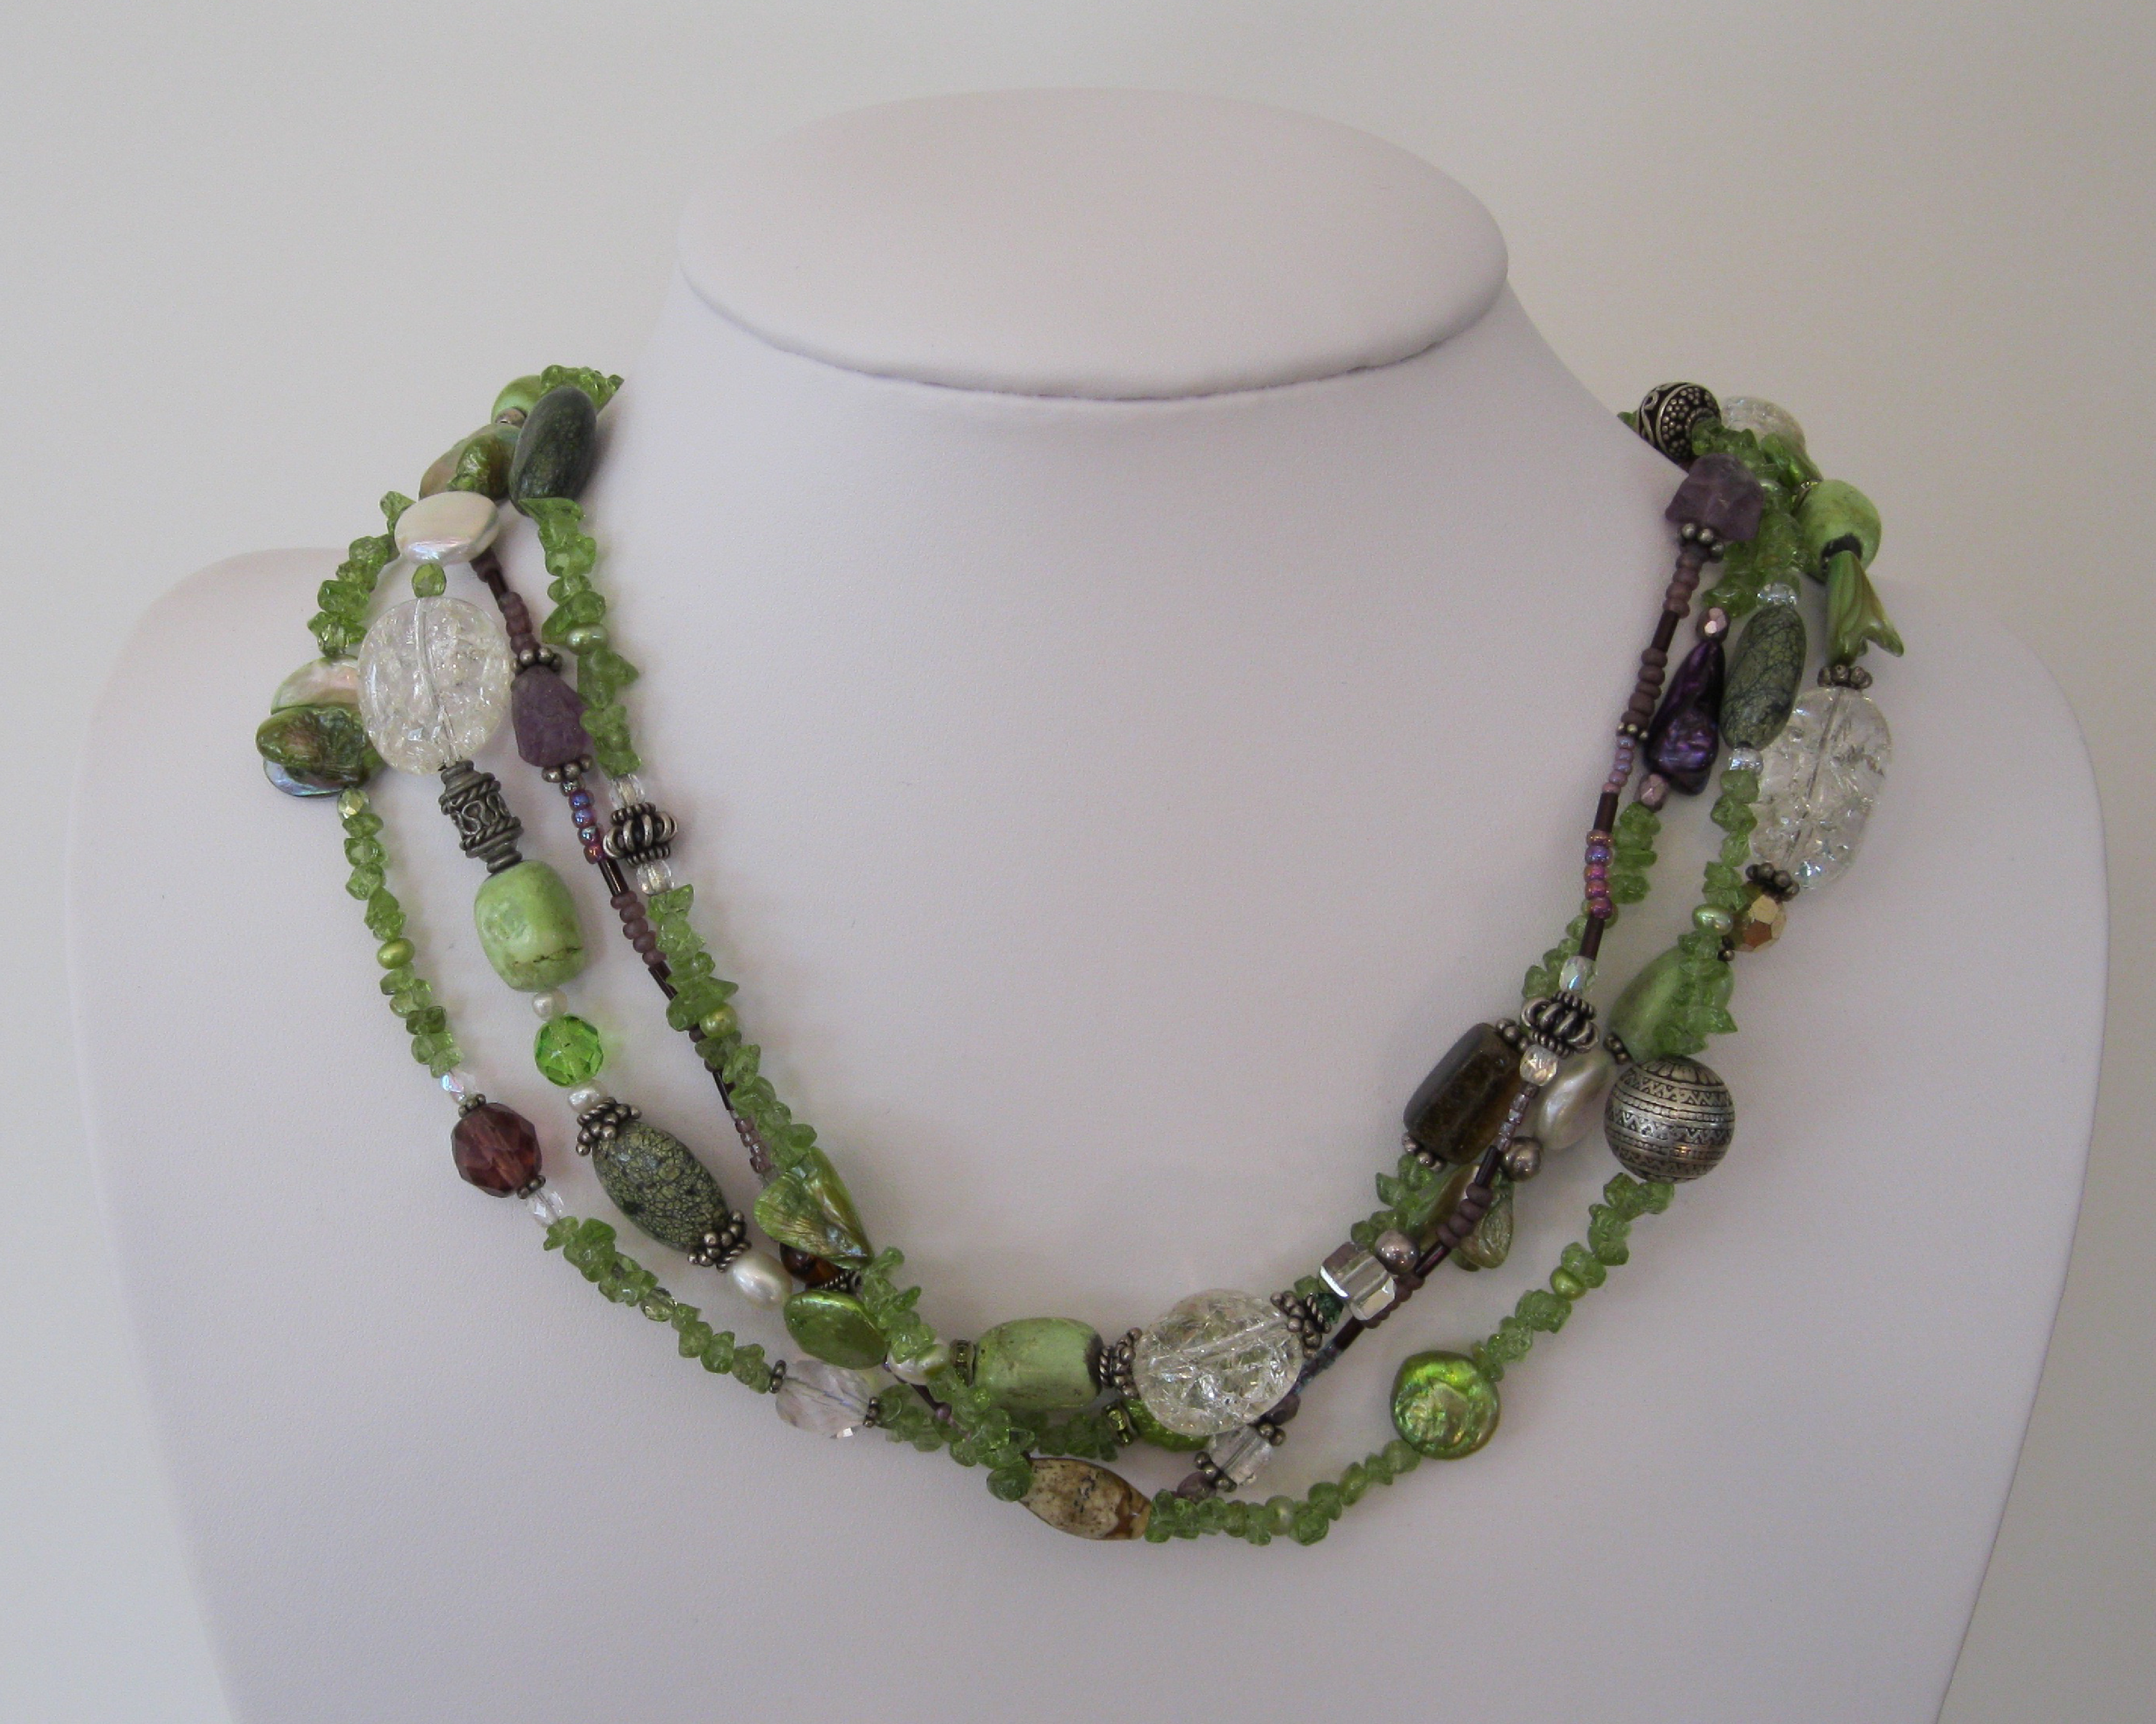 Diva Design: Simply Elegant, Classic Jewelry For